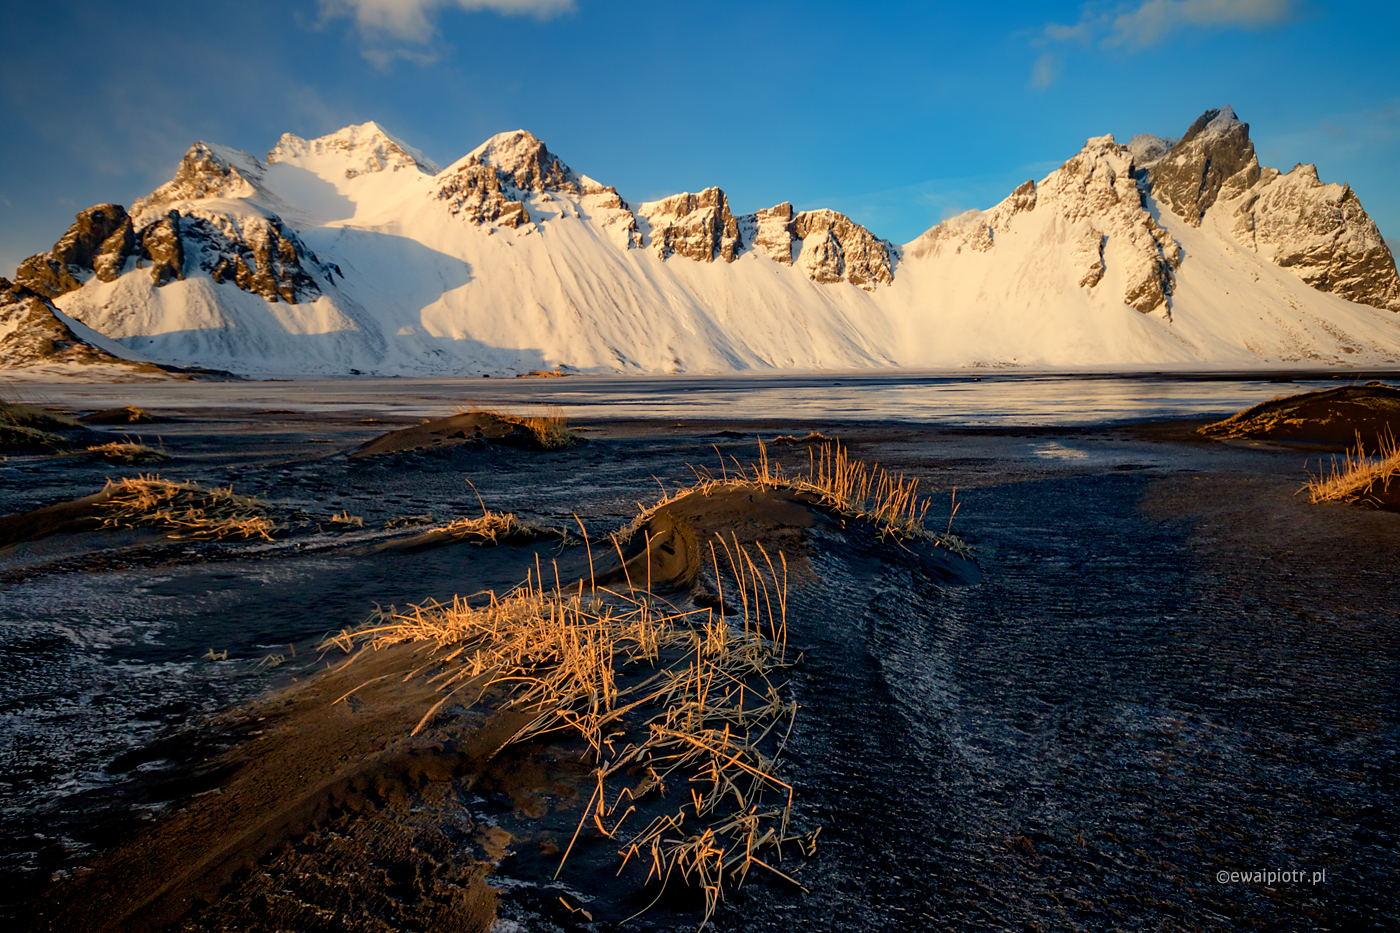 Zachód na półwyspie Stokksnes, Islandia, zima, wyprawa fotograficzna